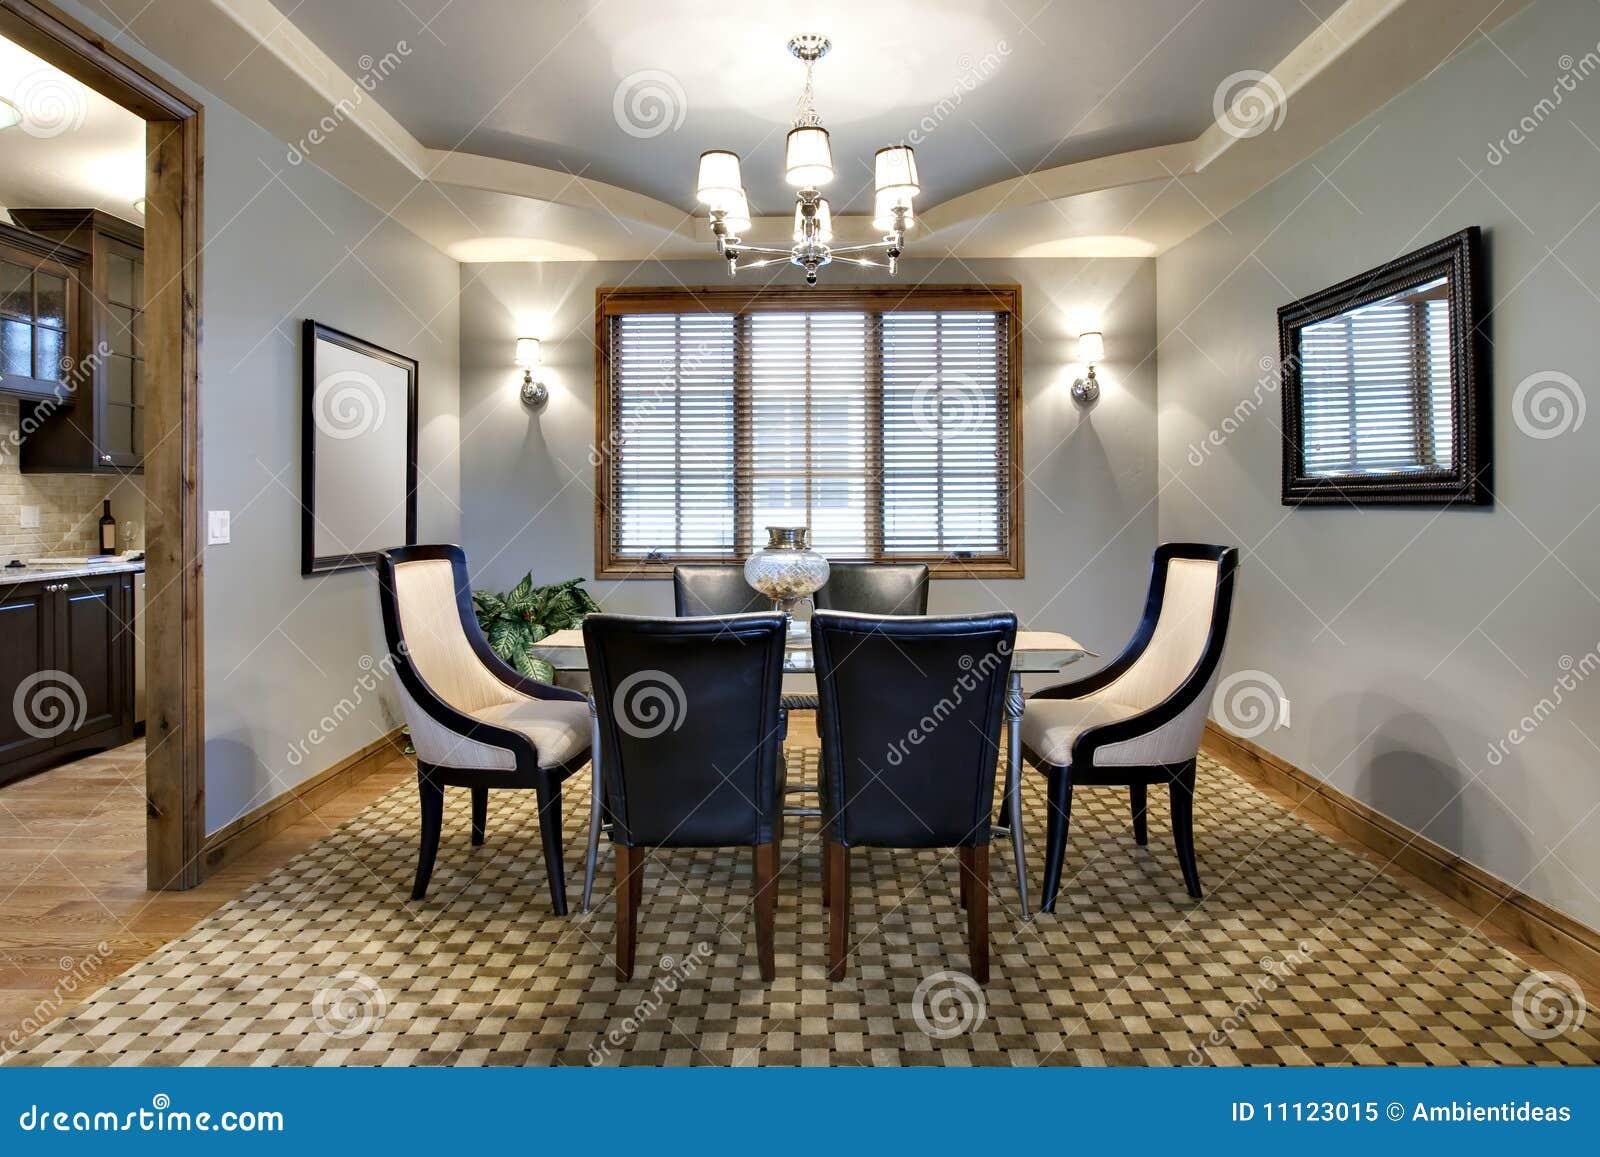 Sala da pranzo contemporanea immagine stock immagine di stanza chandelier 11123015 - Stanza da pranzo contemporanea ...